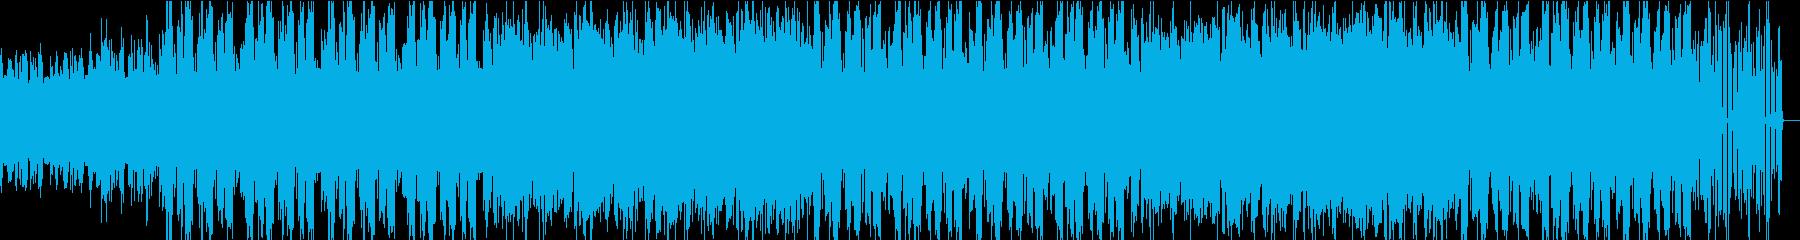 メロディアスで幻想的なチルアウトの再生済みの波形